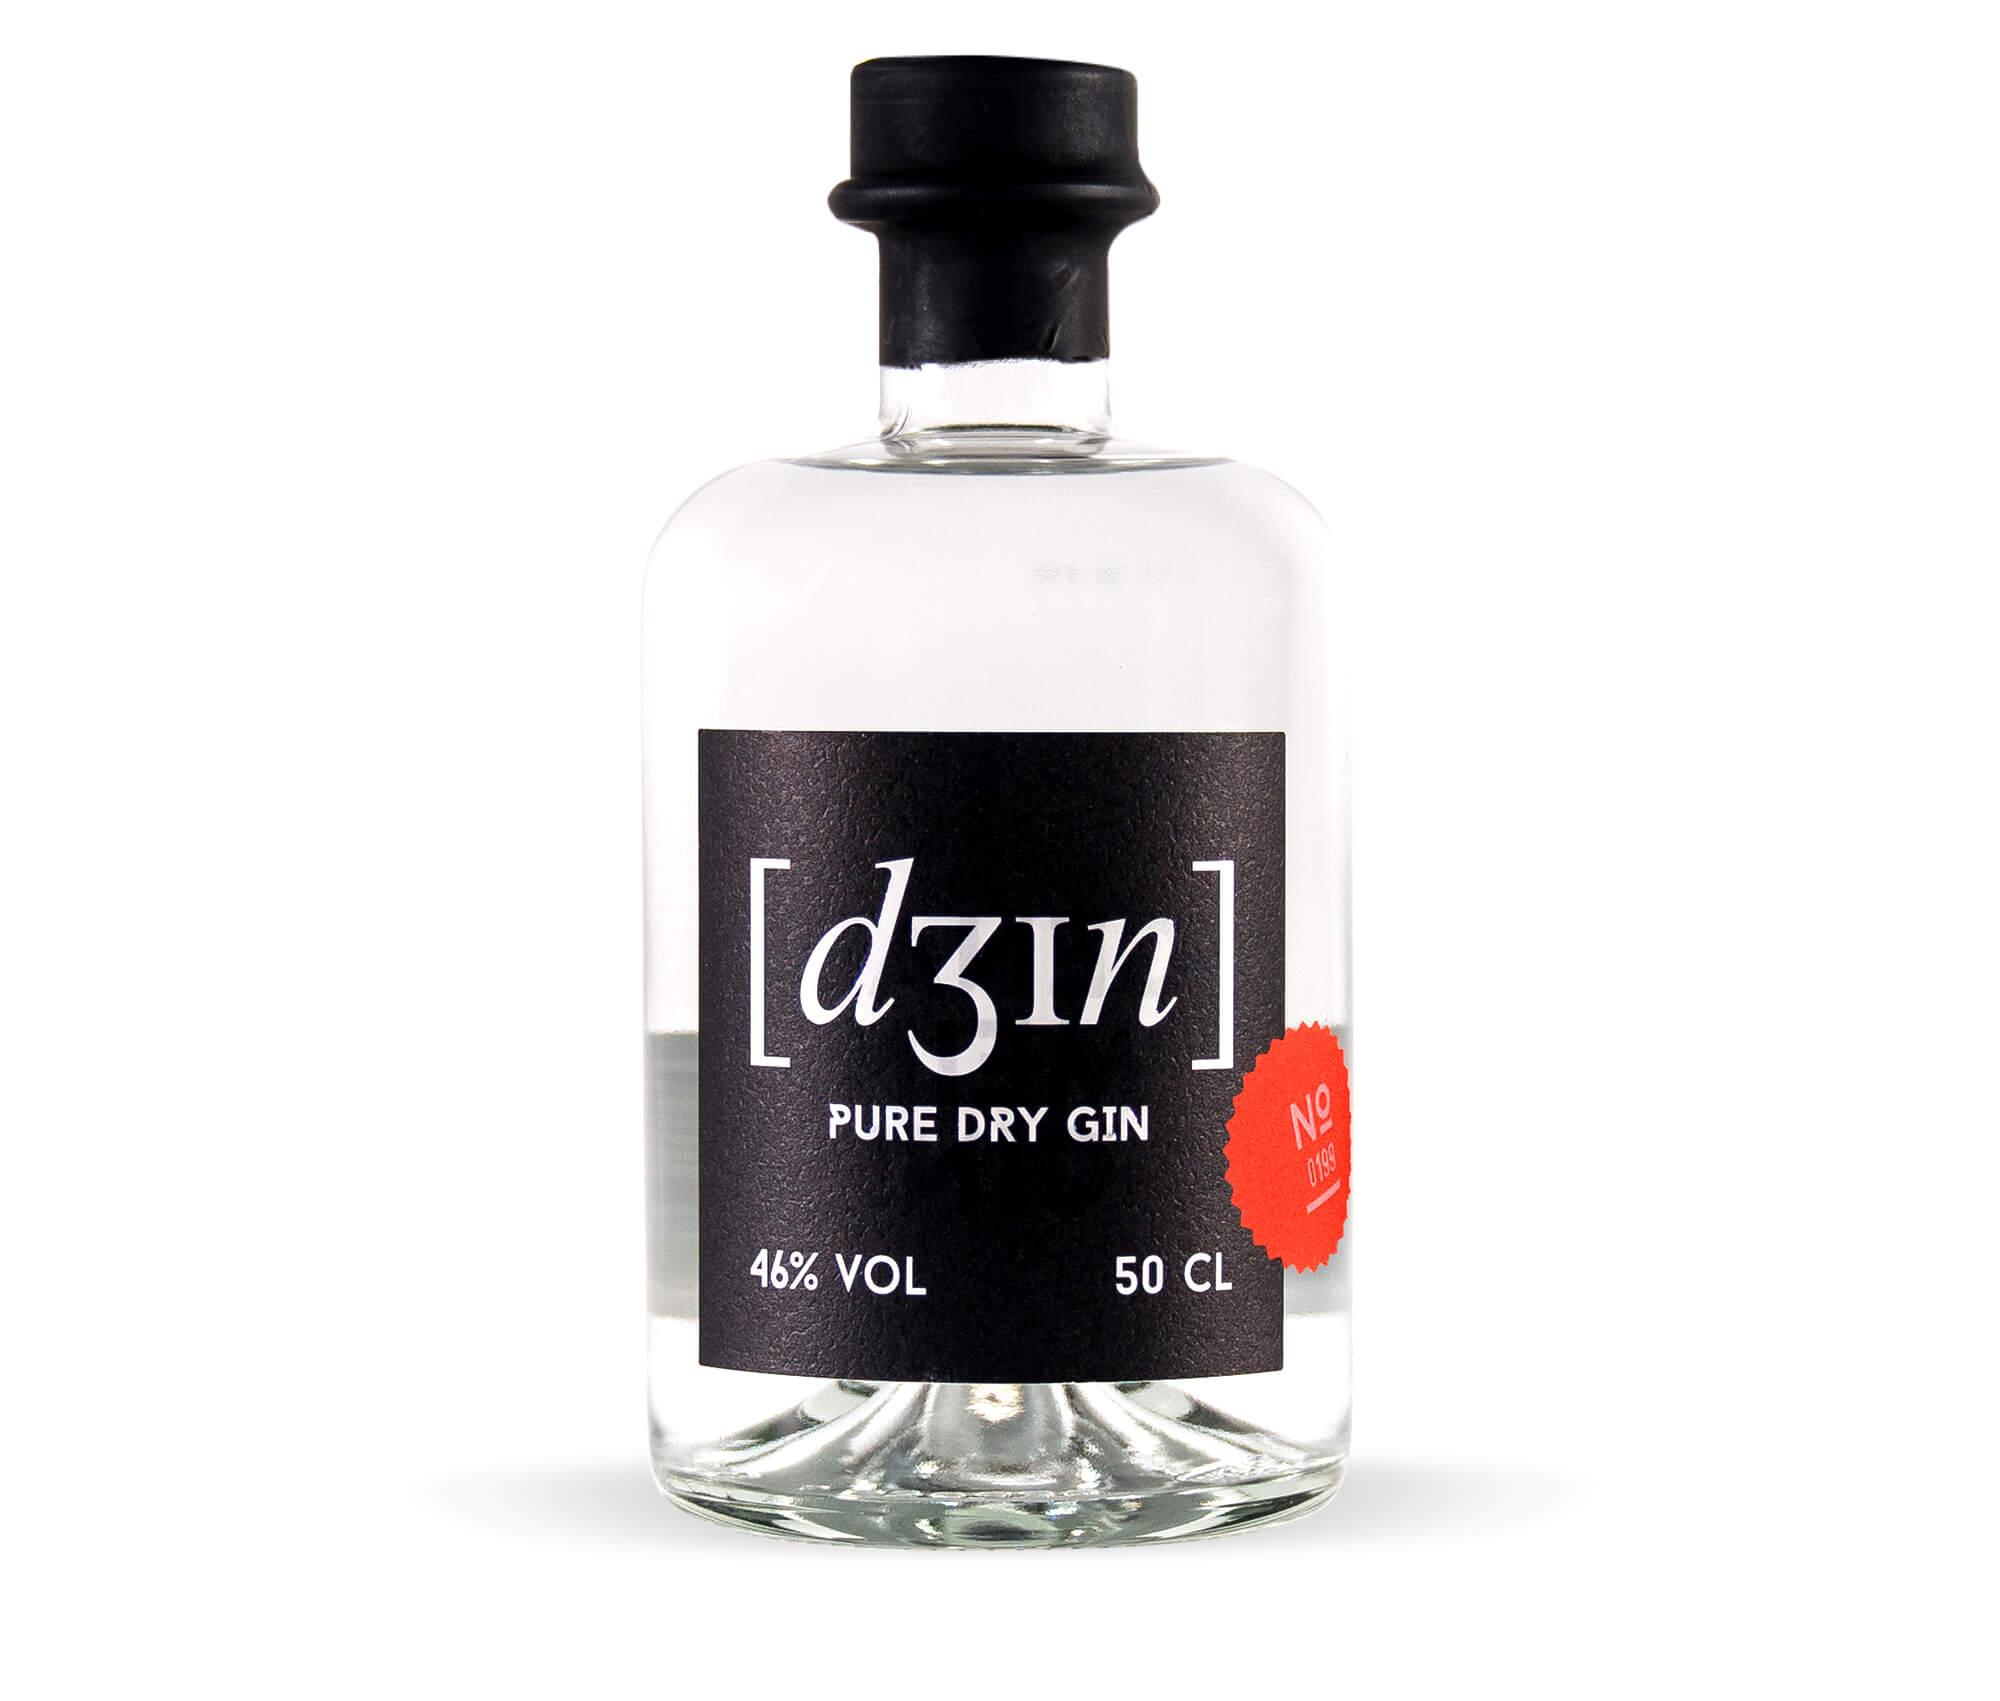 Schau und Horch Produktfotografie Dein Gin 3 1 - Corporate Identity für [dʒɪn]